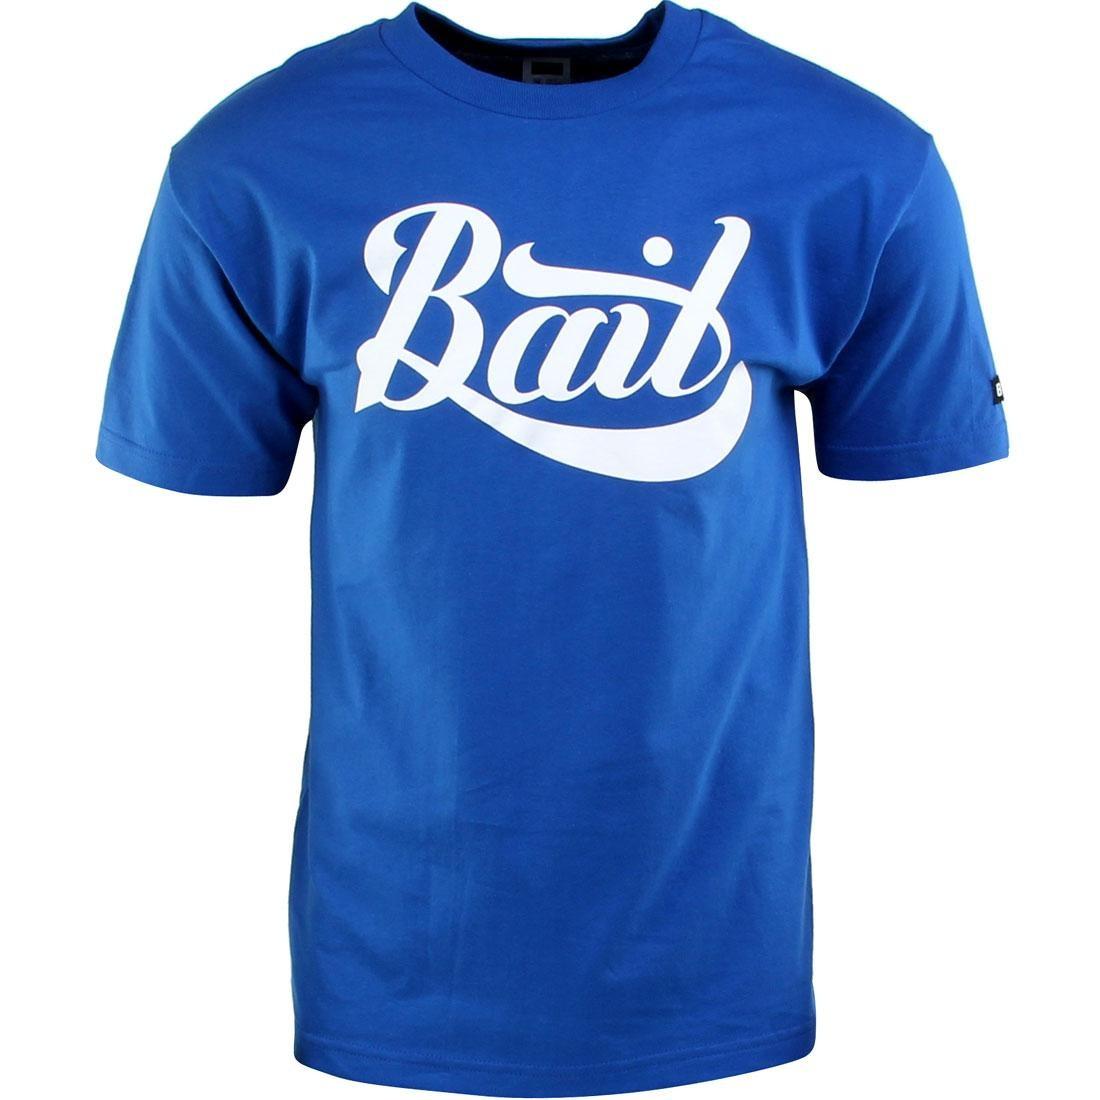 ベイト BAIT スクリプト ロゴ Tシャツ 青 ブルー 【 BLUE BAIT SCRIPT LOGO TEE ROYAL 】 メンズファッション トップス Tシャツ カットソー